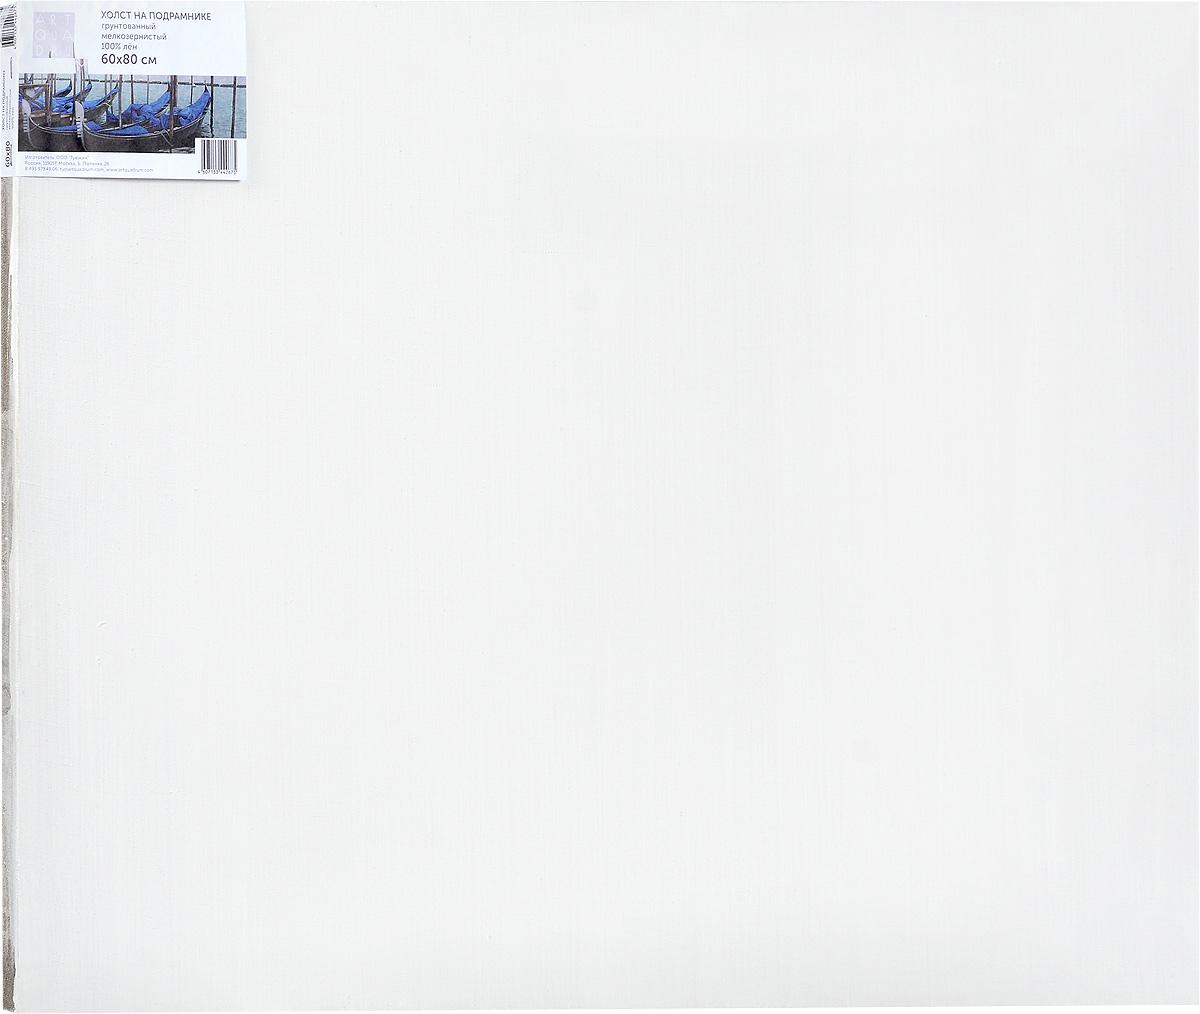 Холст ArtQuaDram Мелкозернистый на подрамнике, грунтованный, 60 х 80 смТ0003848Холст на деревянном подрамнике ArtQuaDram Мелкозернистый изготовлен из 100% натурального льна. Подходит для профессионалов и художников. Холст не трескается, не впитывает слишком много краски, цвет краски и качество не изменяются. Холст идеально подходит для масляной и акриловой живописи.